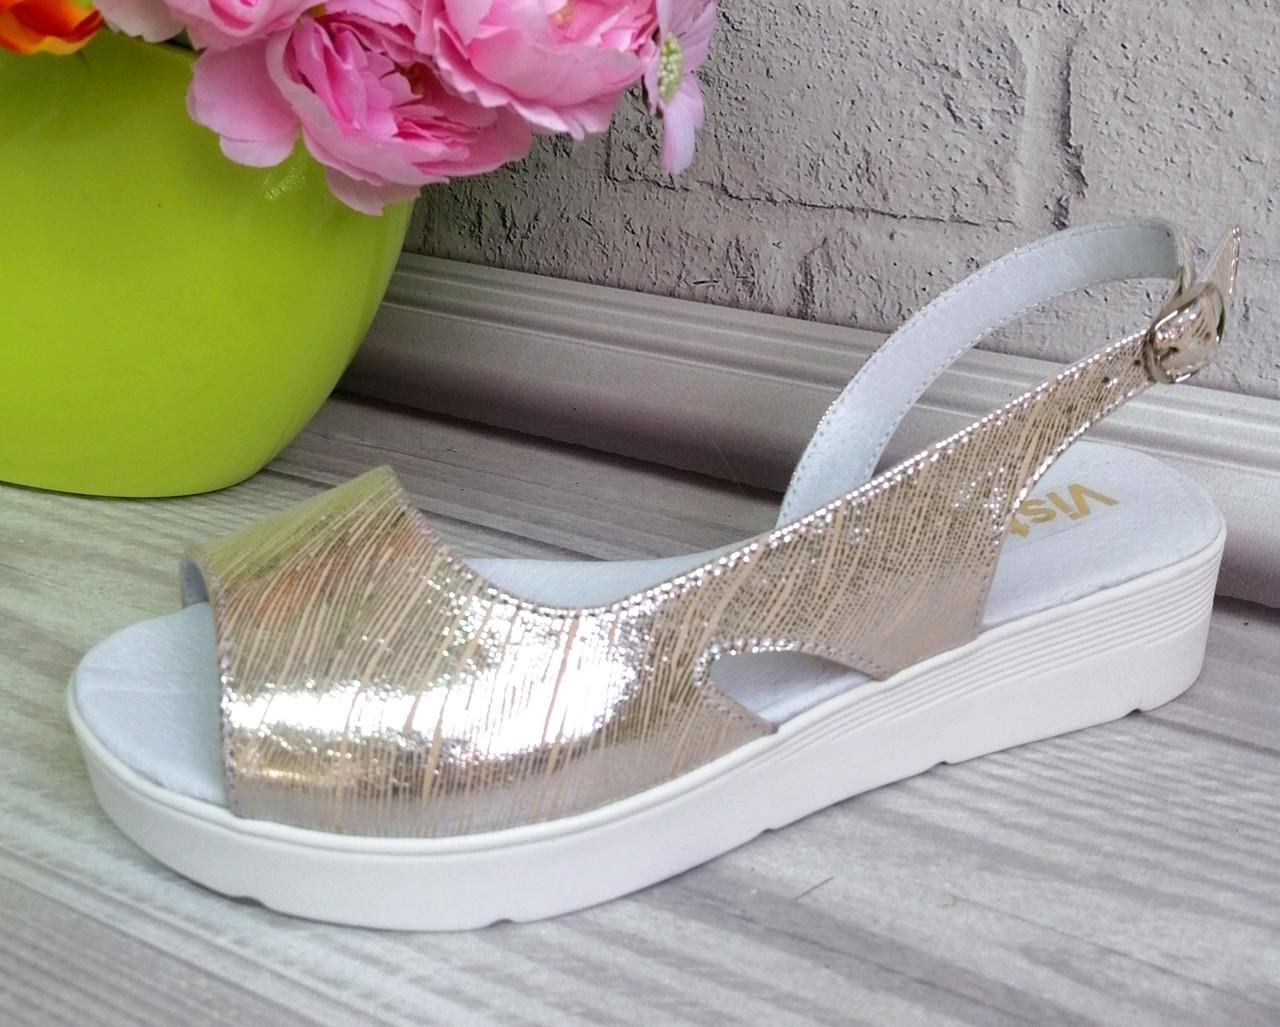 Кожаная женская обувь из натуральных материалов